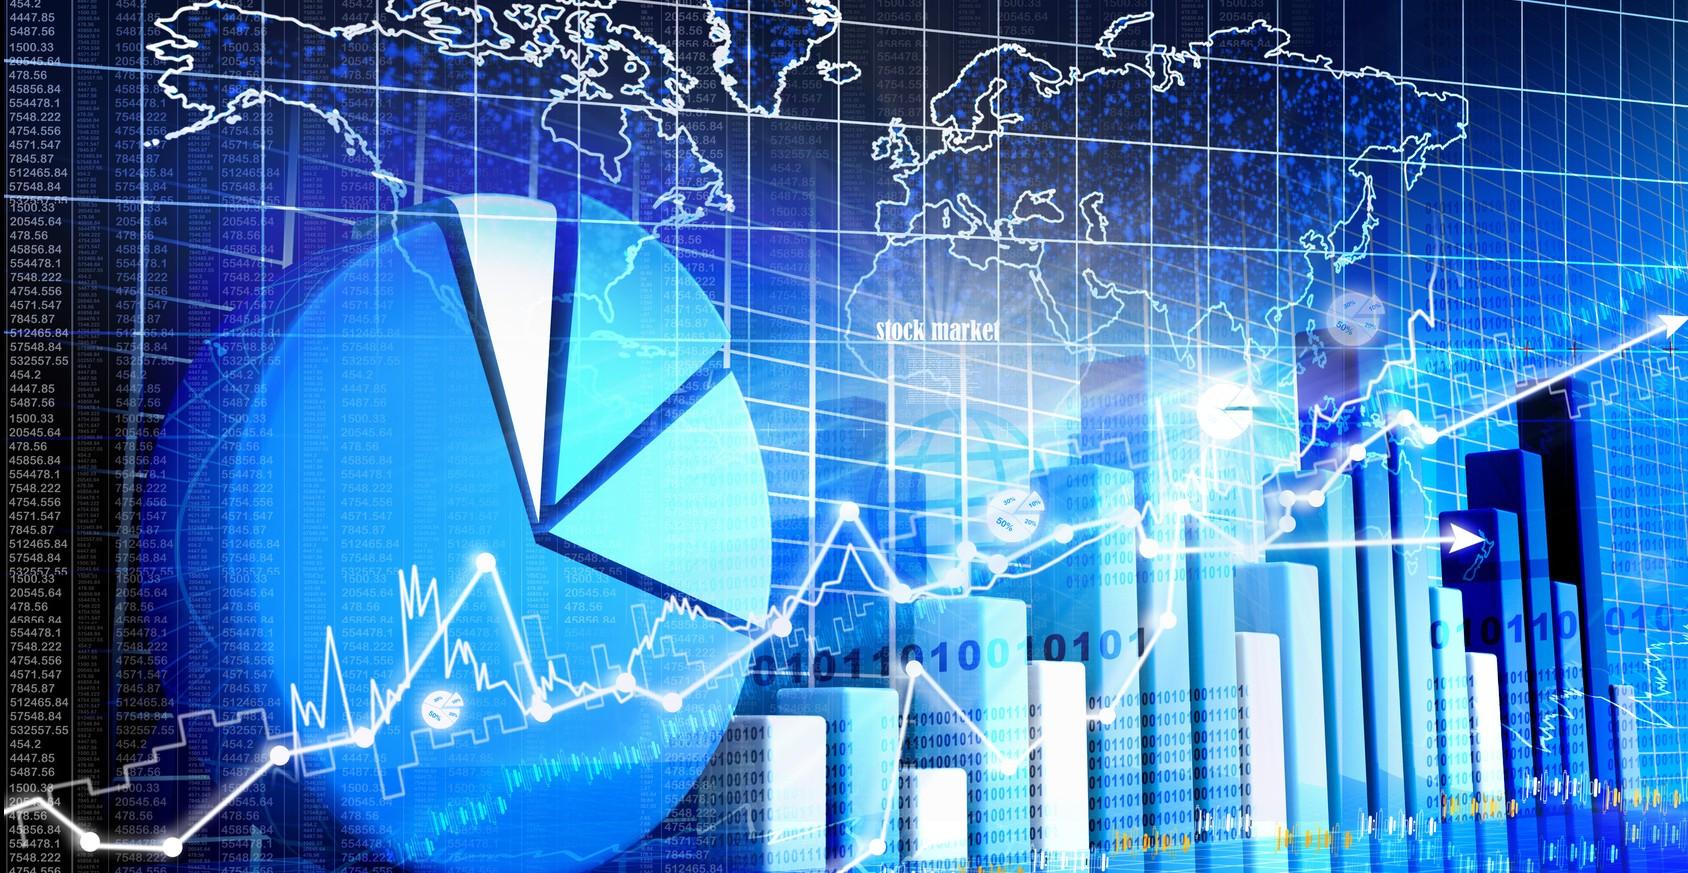 تقسيم مراحل الطلب على الانترنت - تابع المحاسبة عن الأصول المتداولة